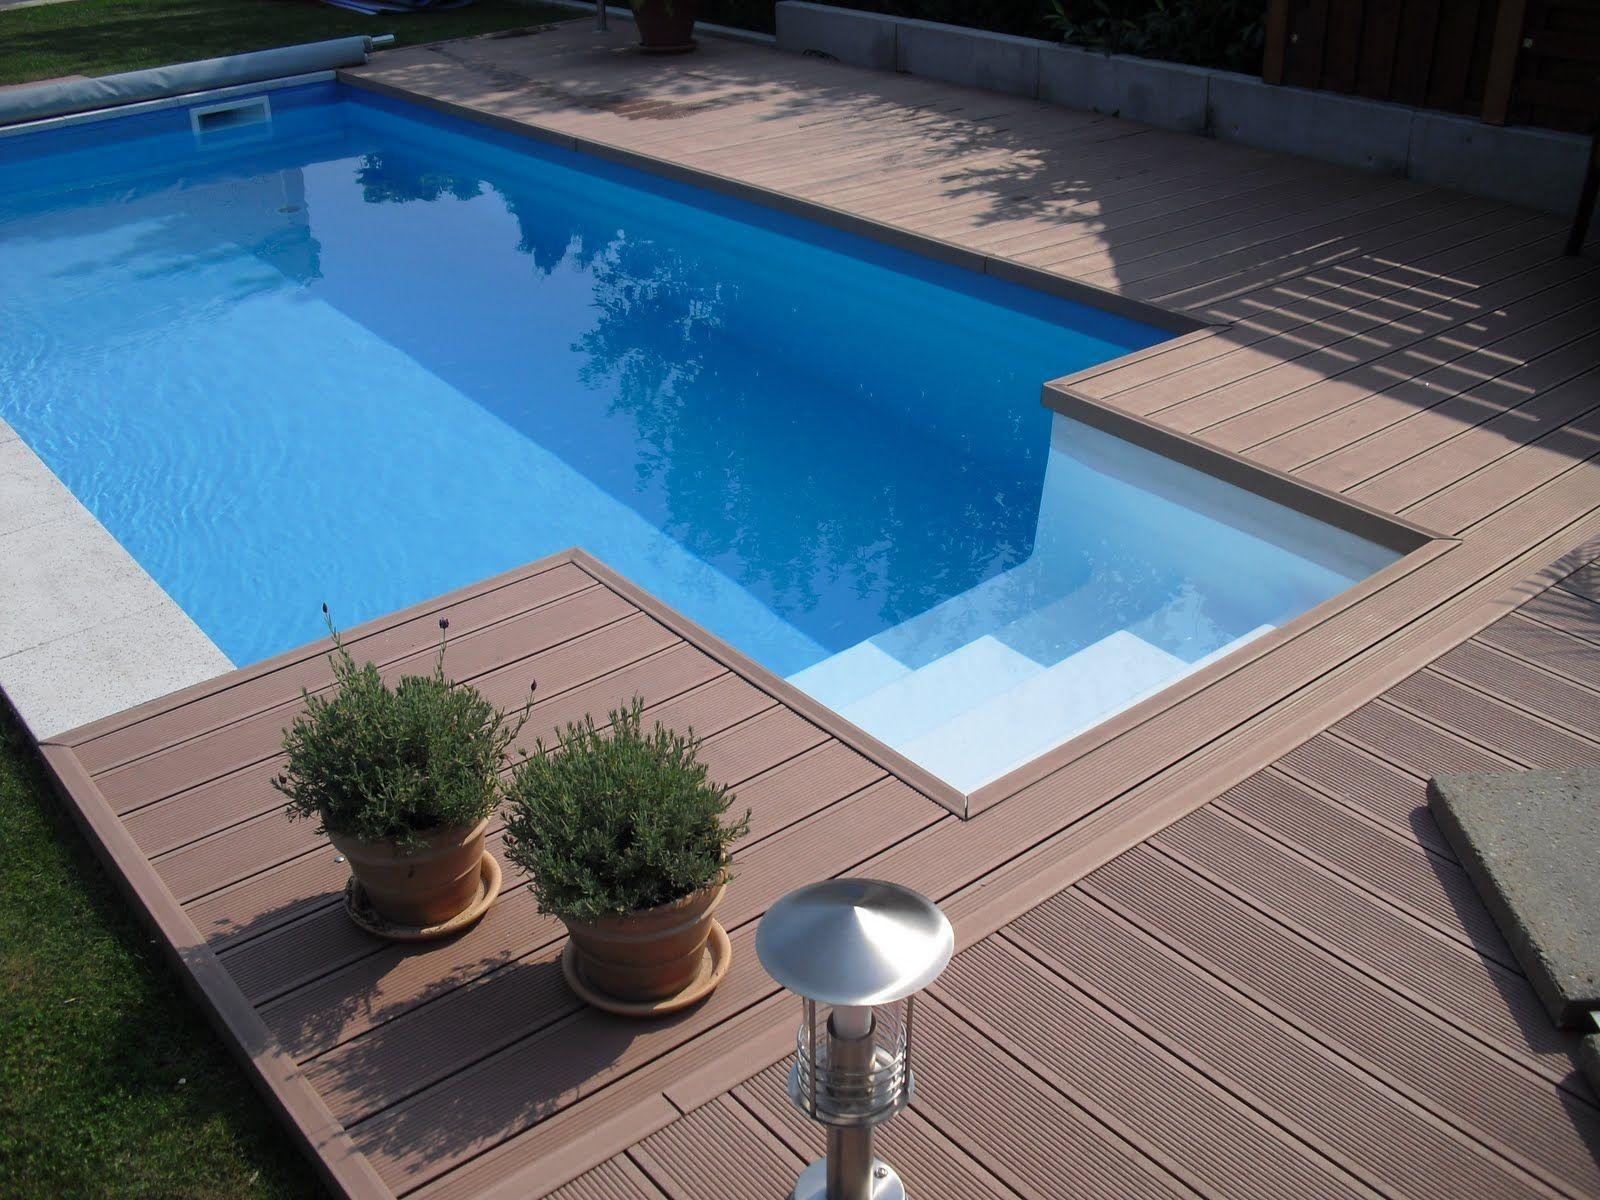 """pool selbstbau: """"poolvergnügen für jeden"""" mit unserem selbstbausatz"""